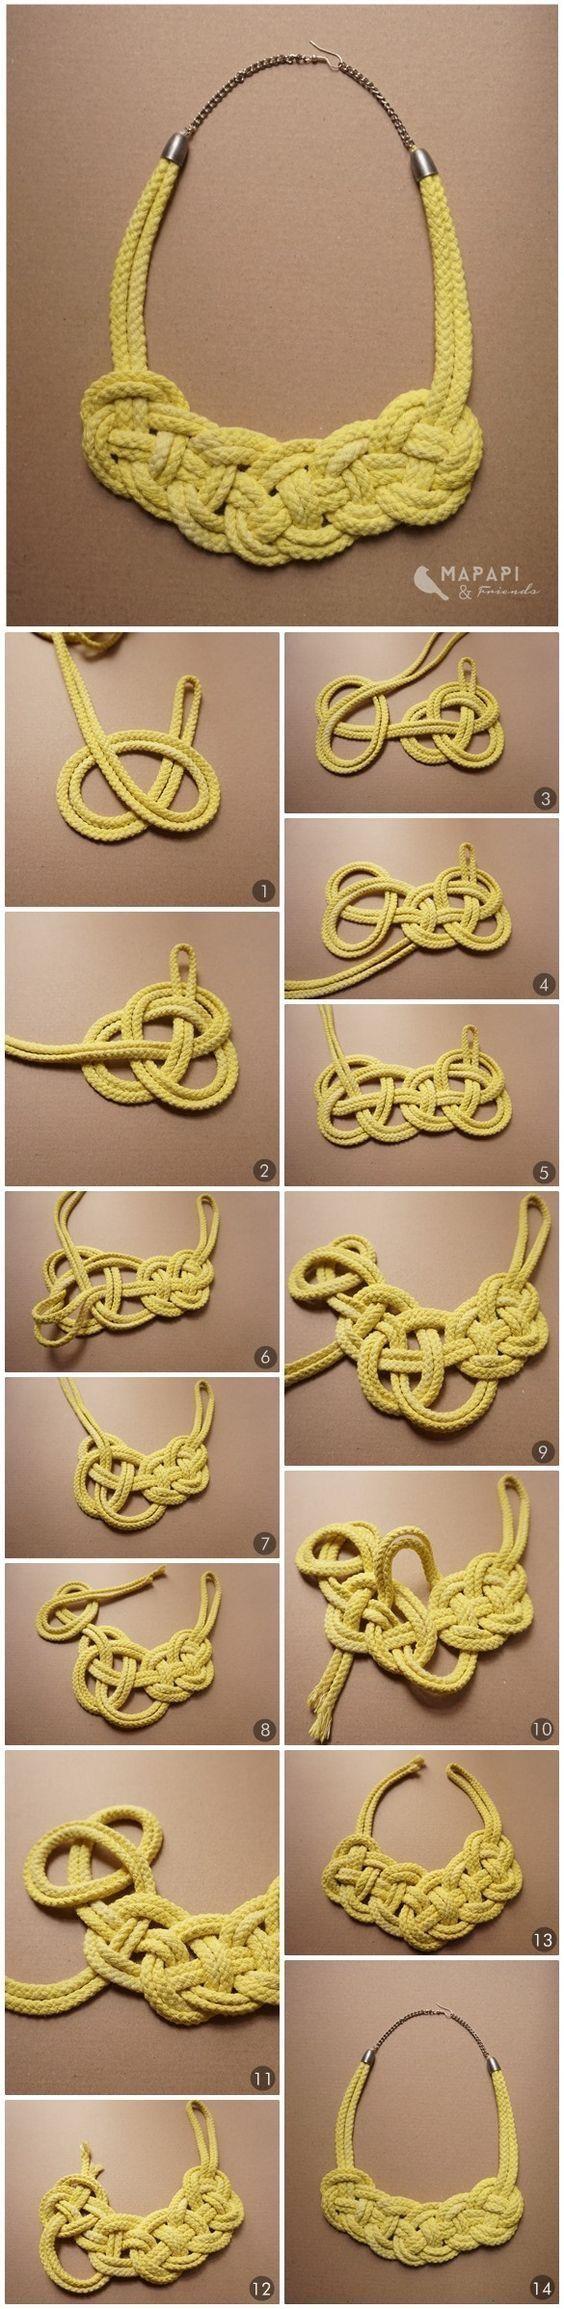 Collar cordón ancho